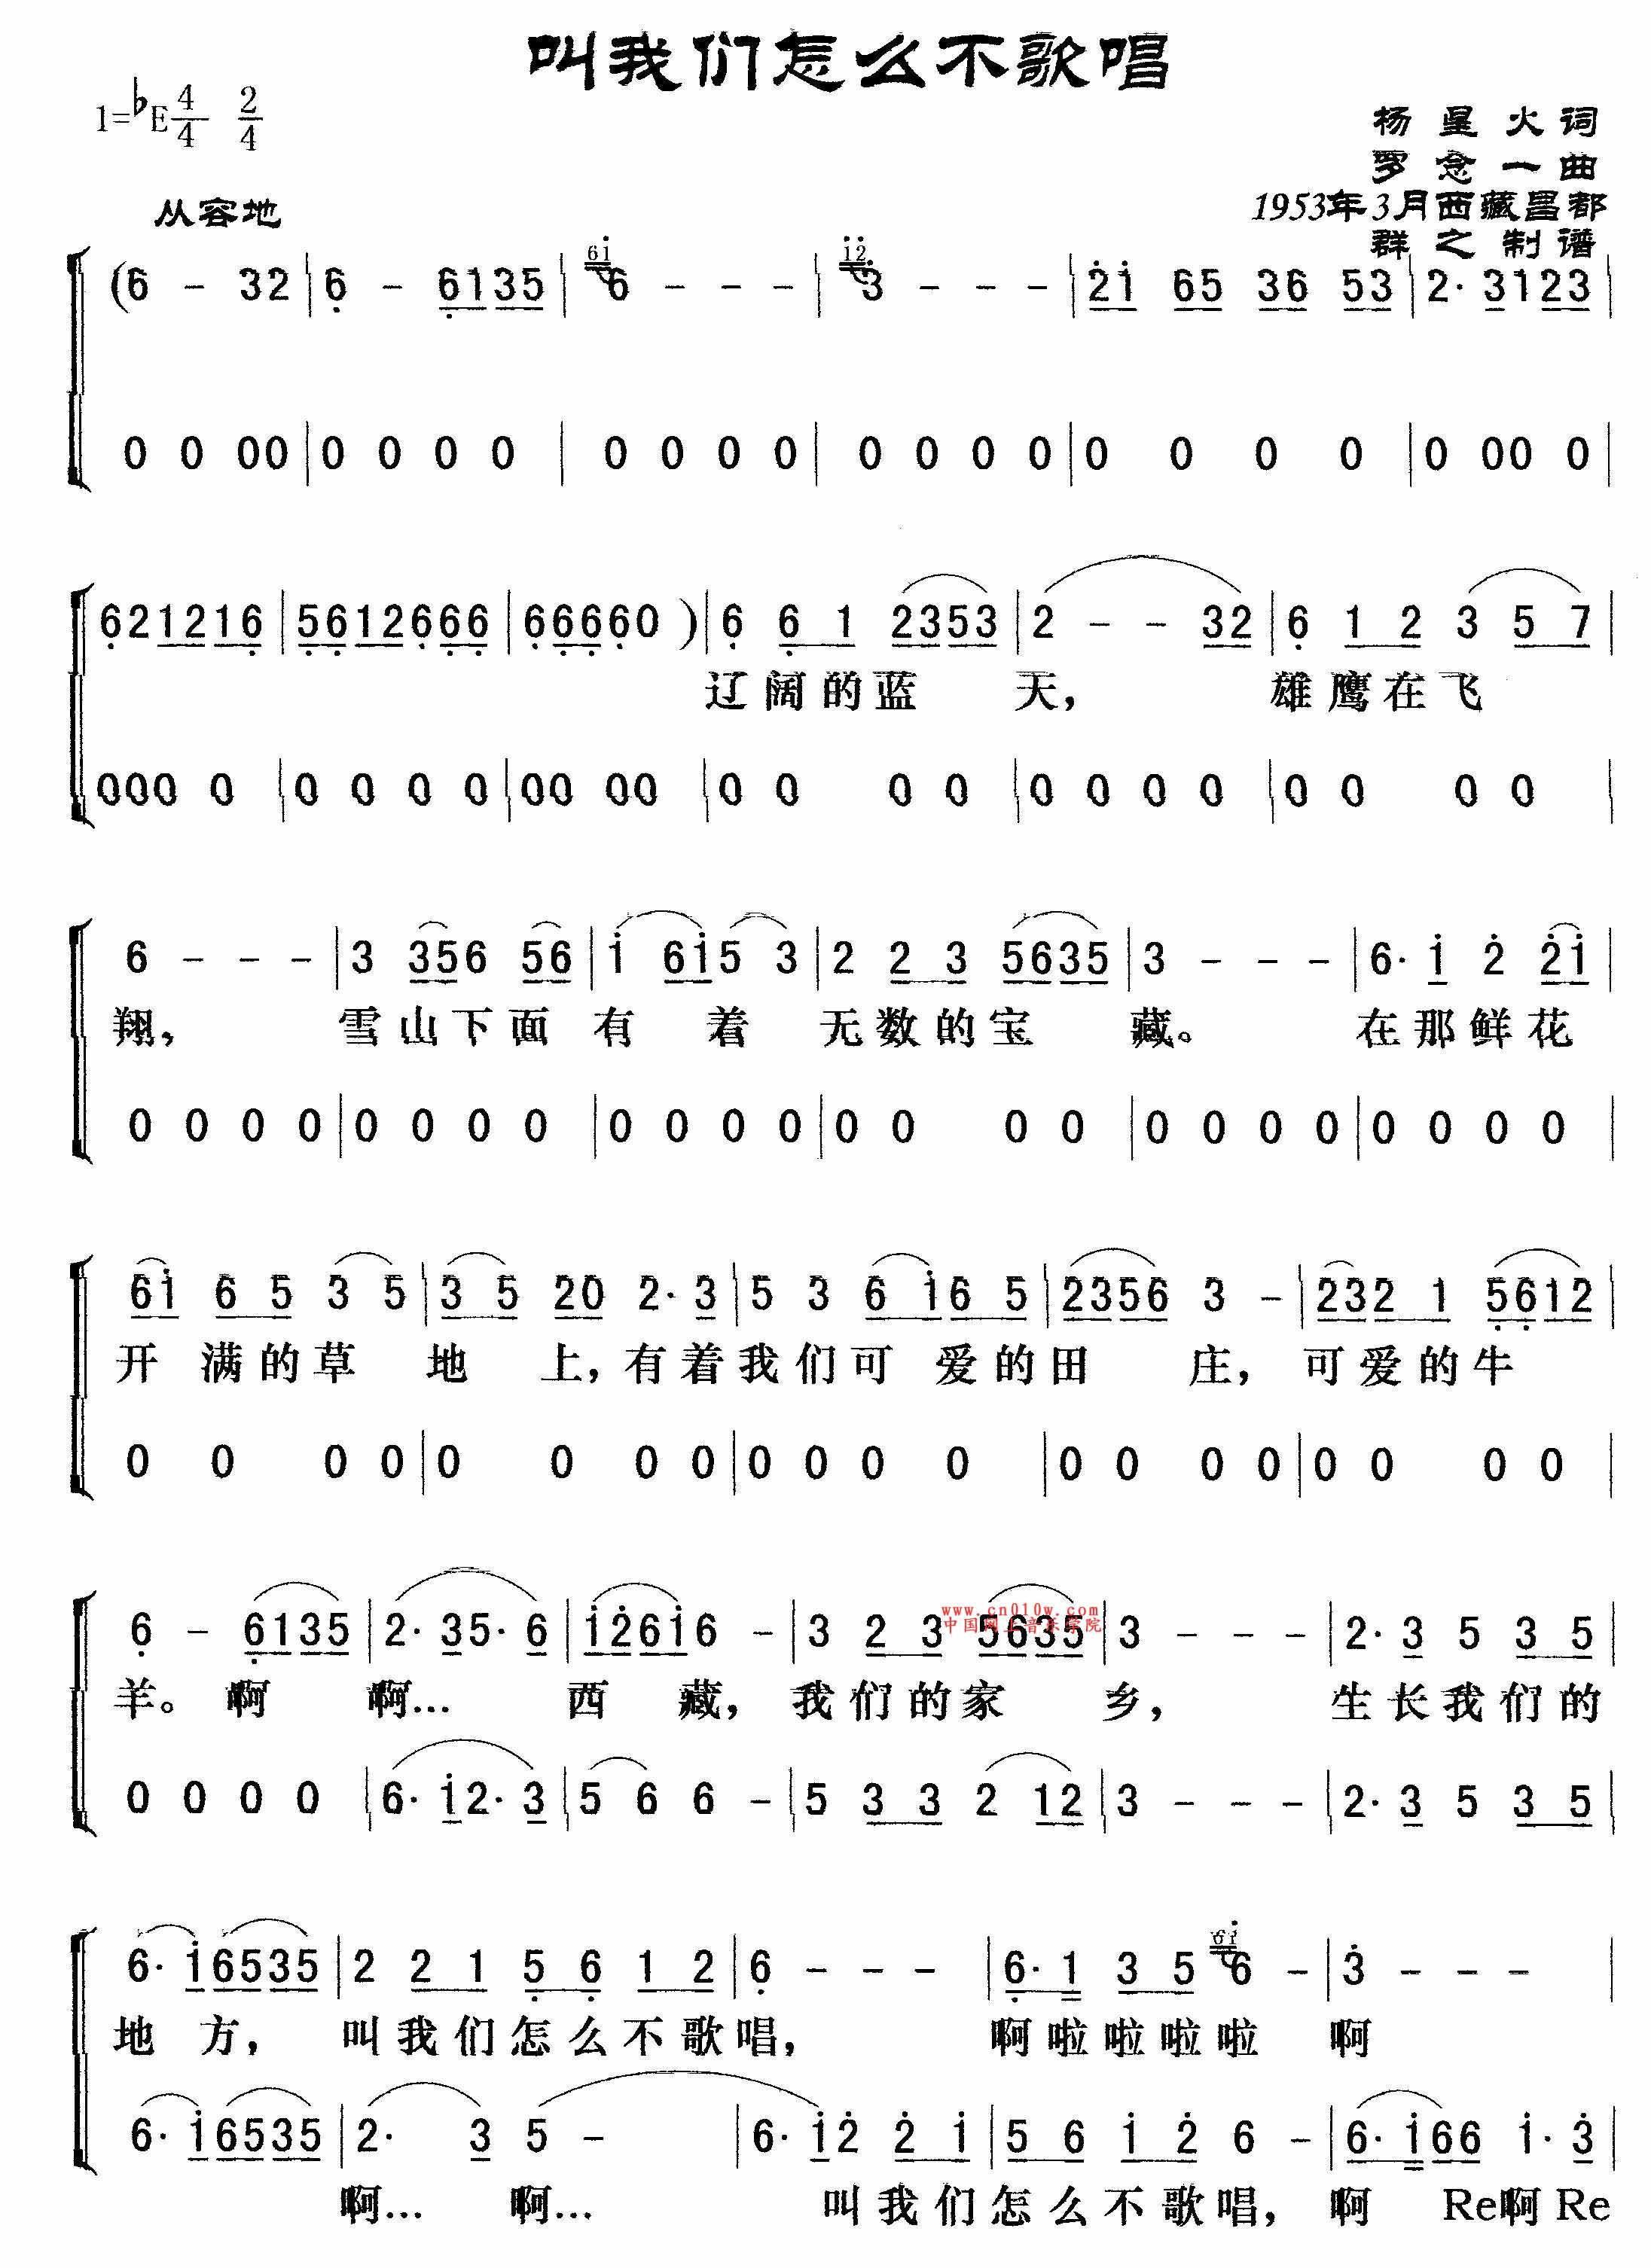 伴奏音乐 曲谱下载 >> 歌谱叫我们怎么不歌唱  2013-1-9 19:19:02&